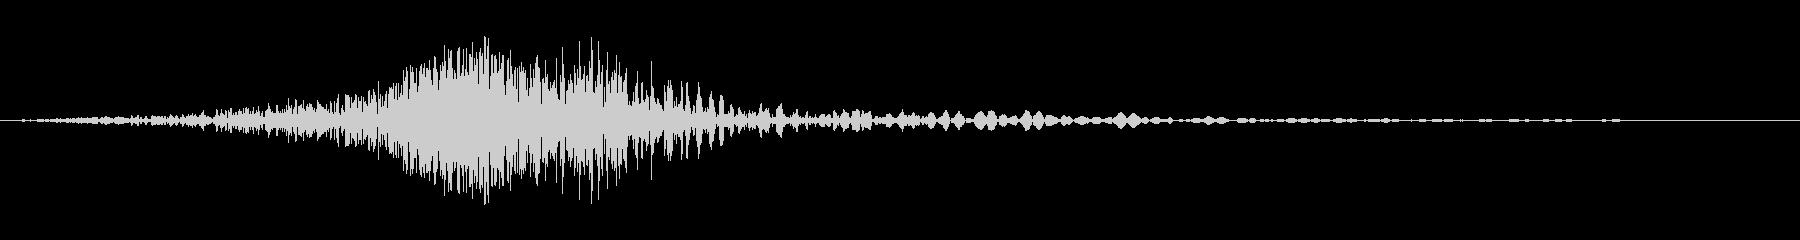 ジャングルバイ、アニマルグロウルバ...の未再生の波形